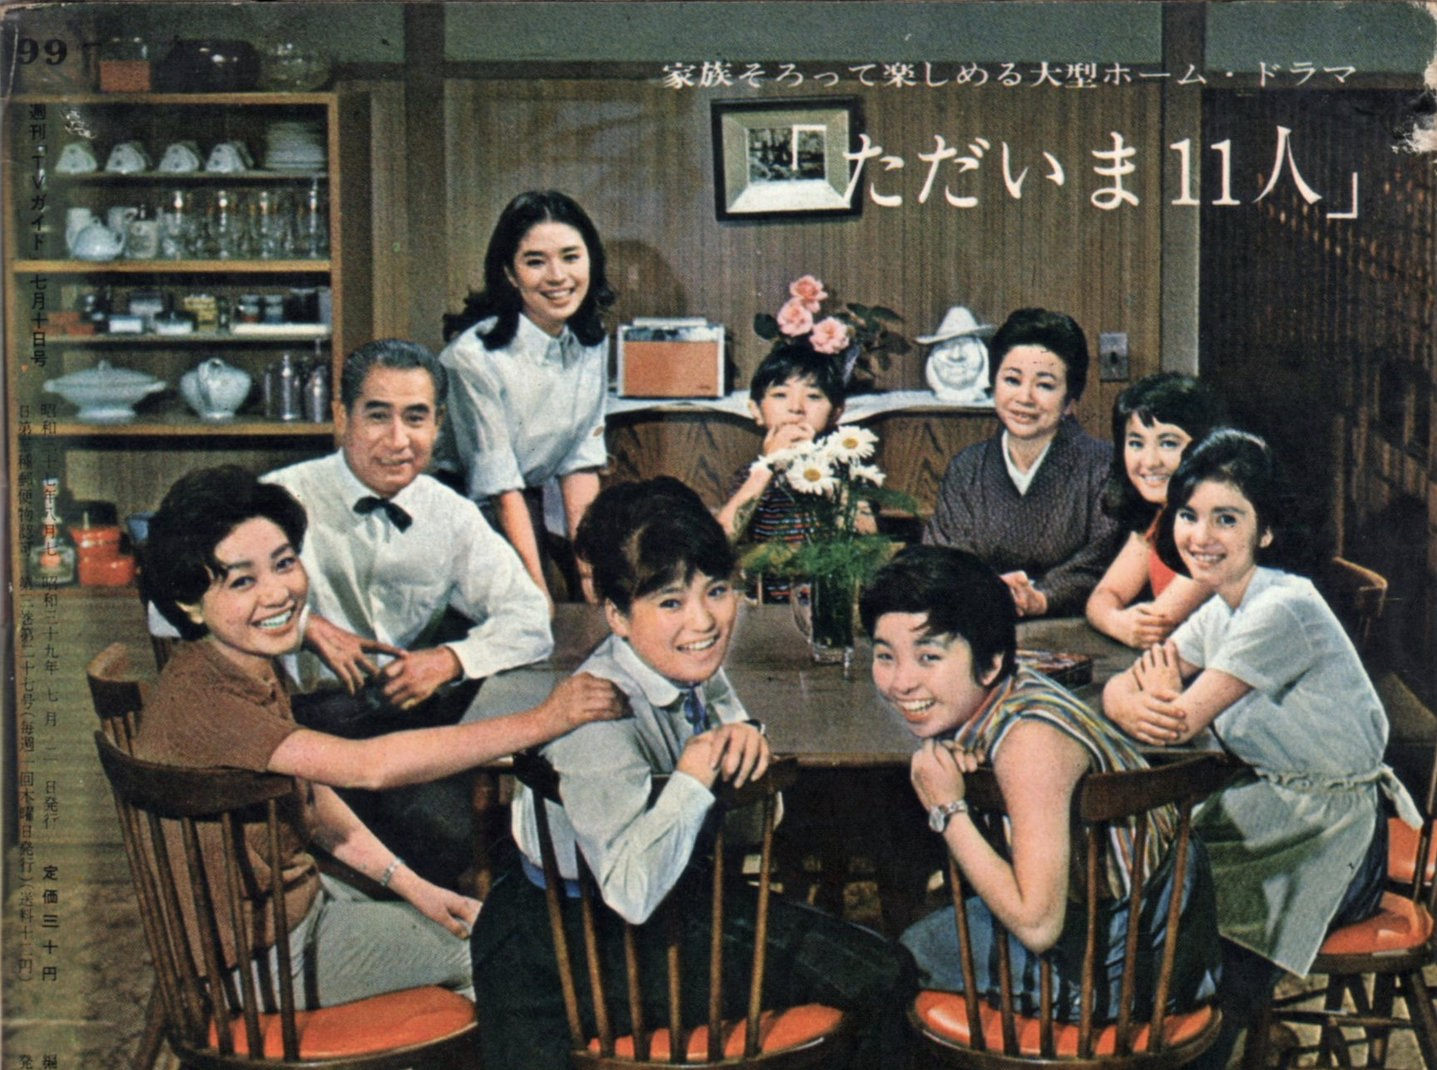 1964年から放送されたTBSドラマ「ただいま11人」